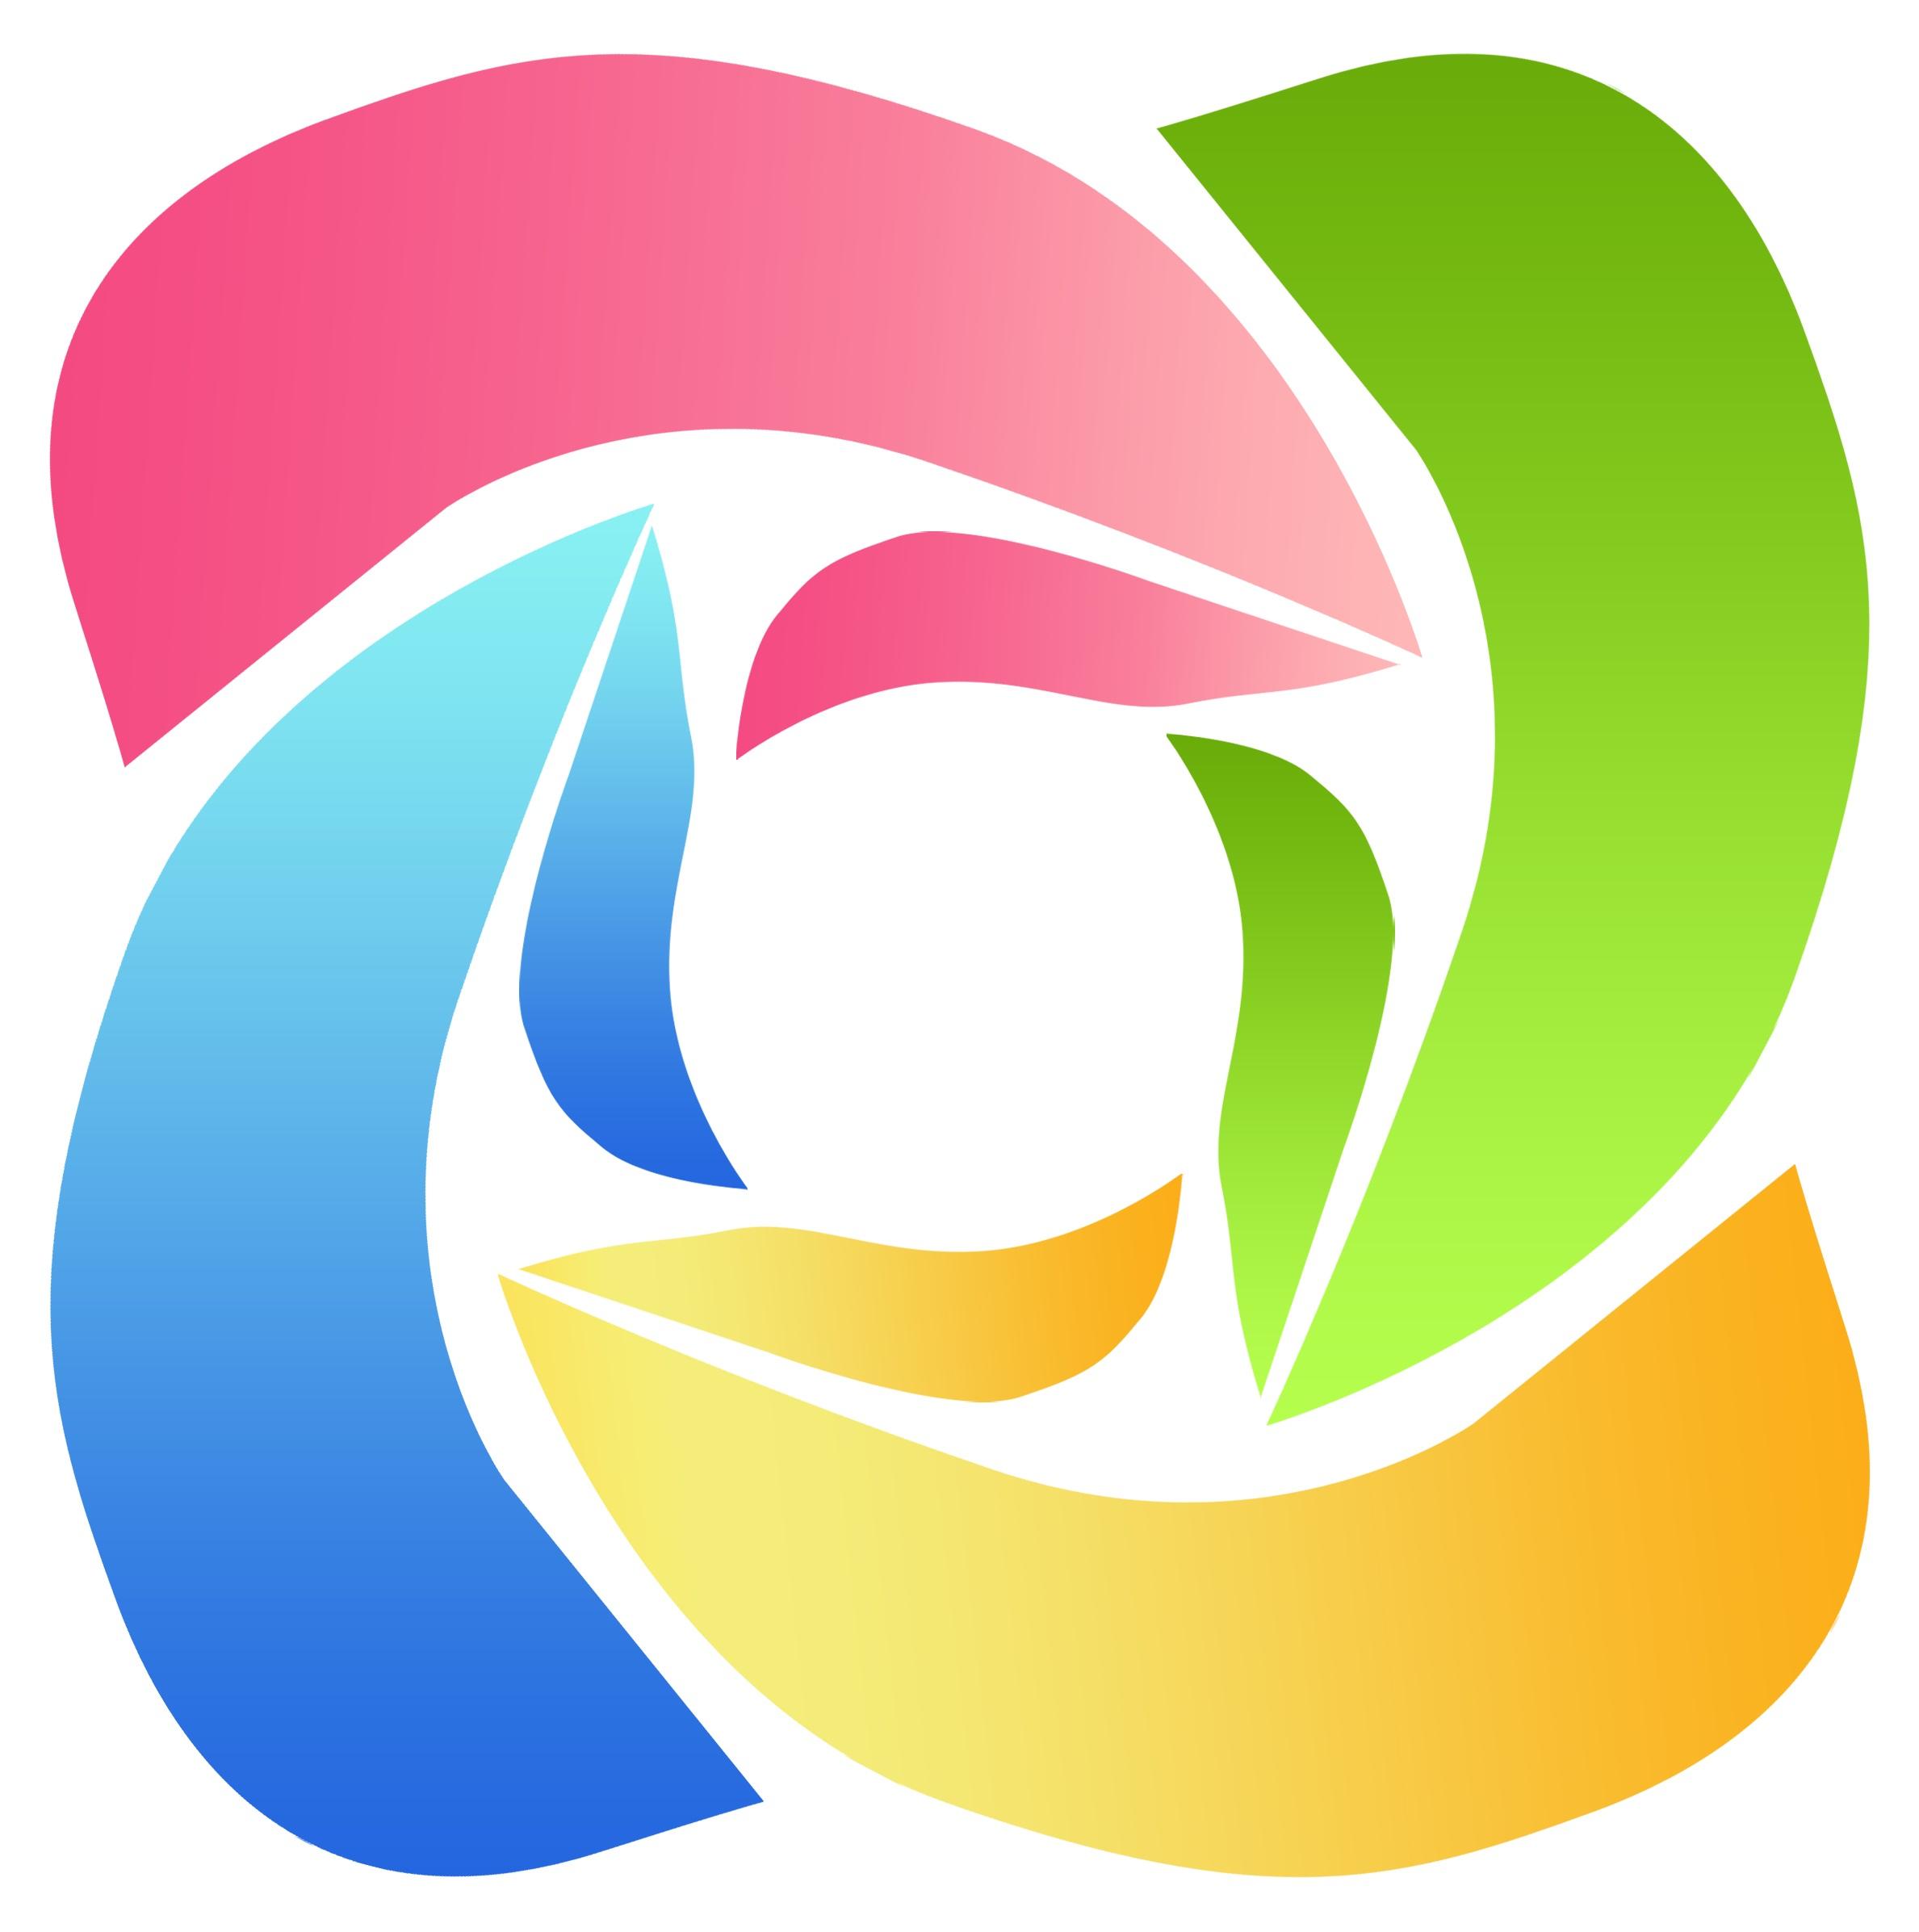 微信logo图标简笔画